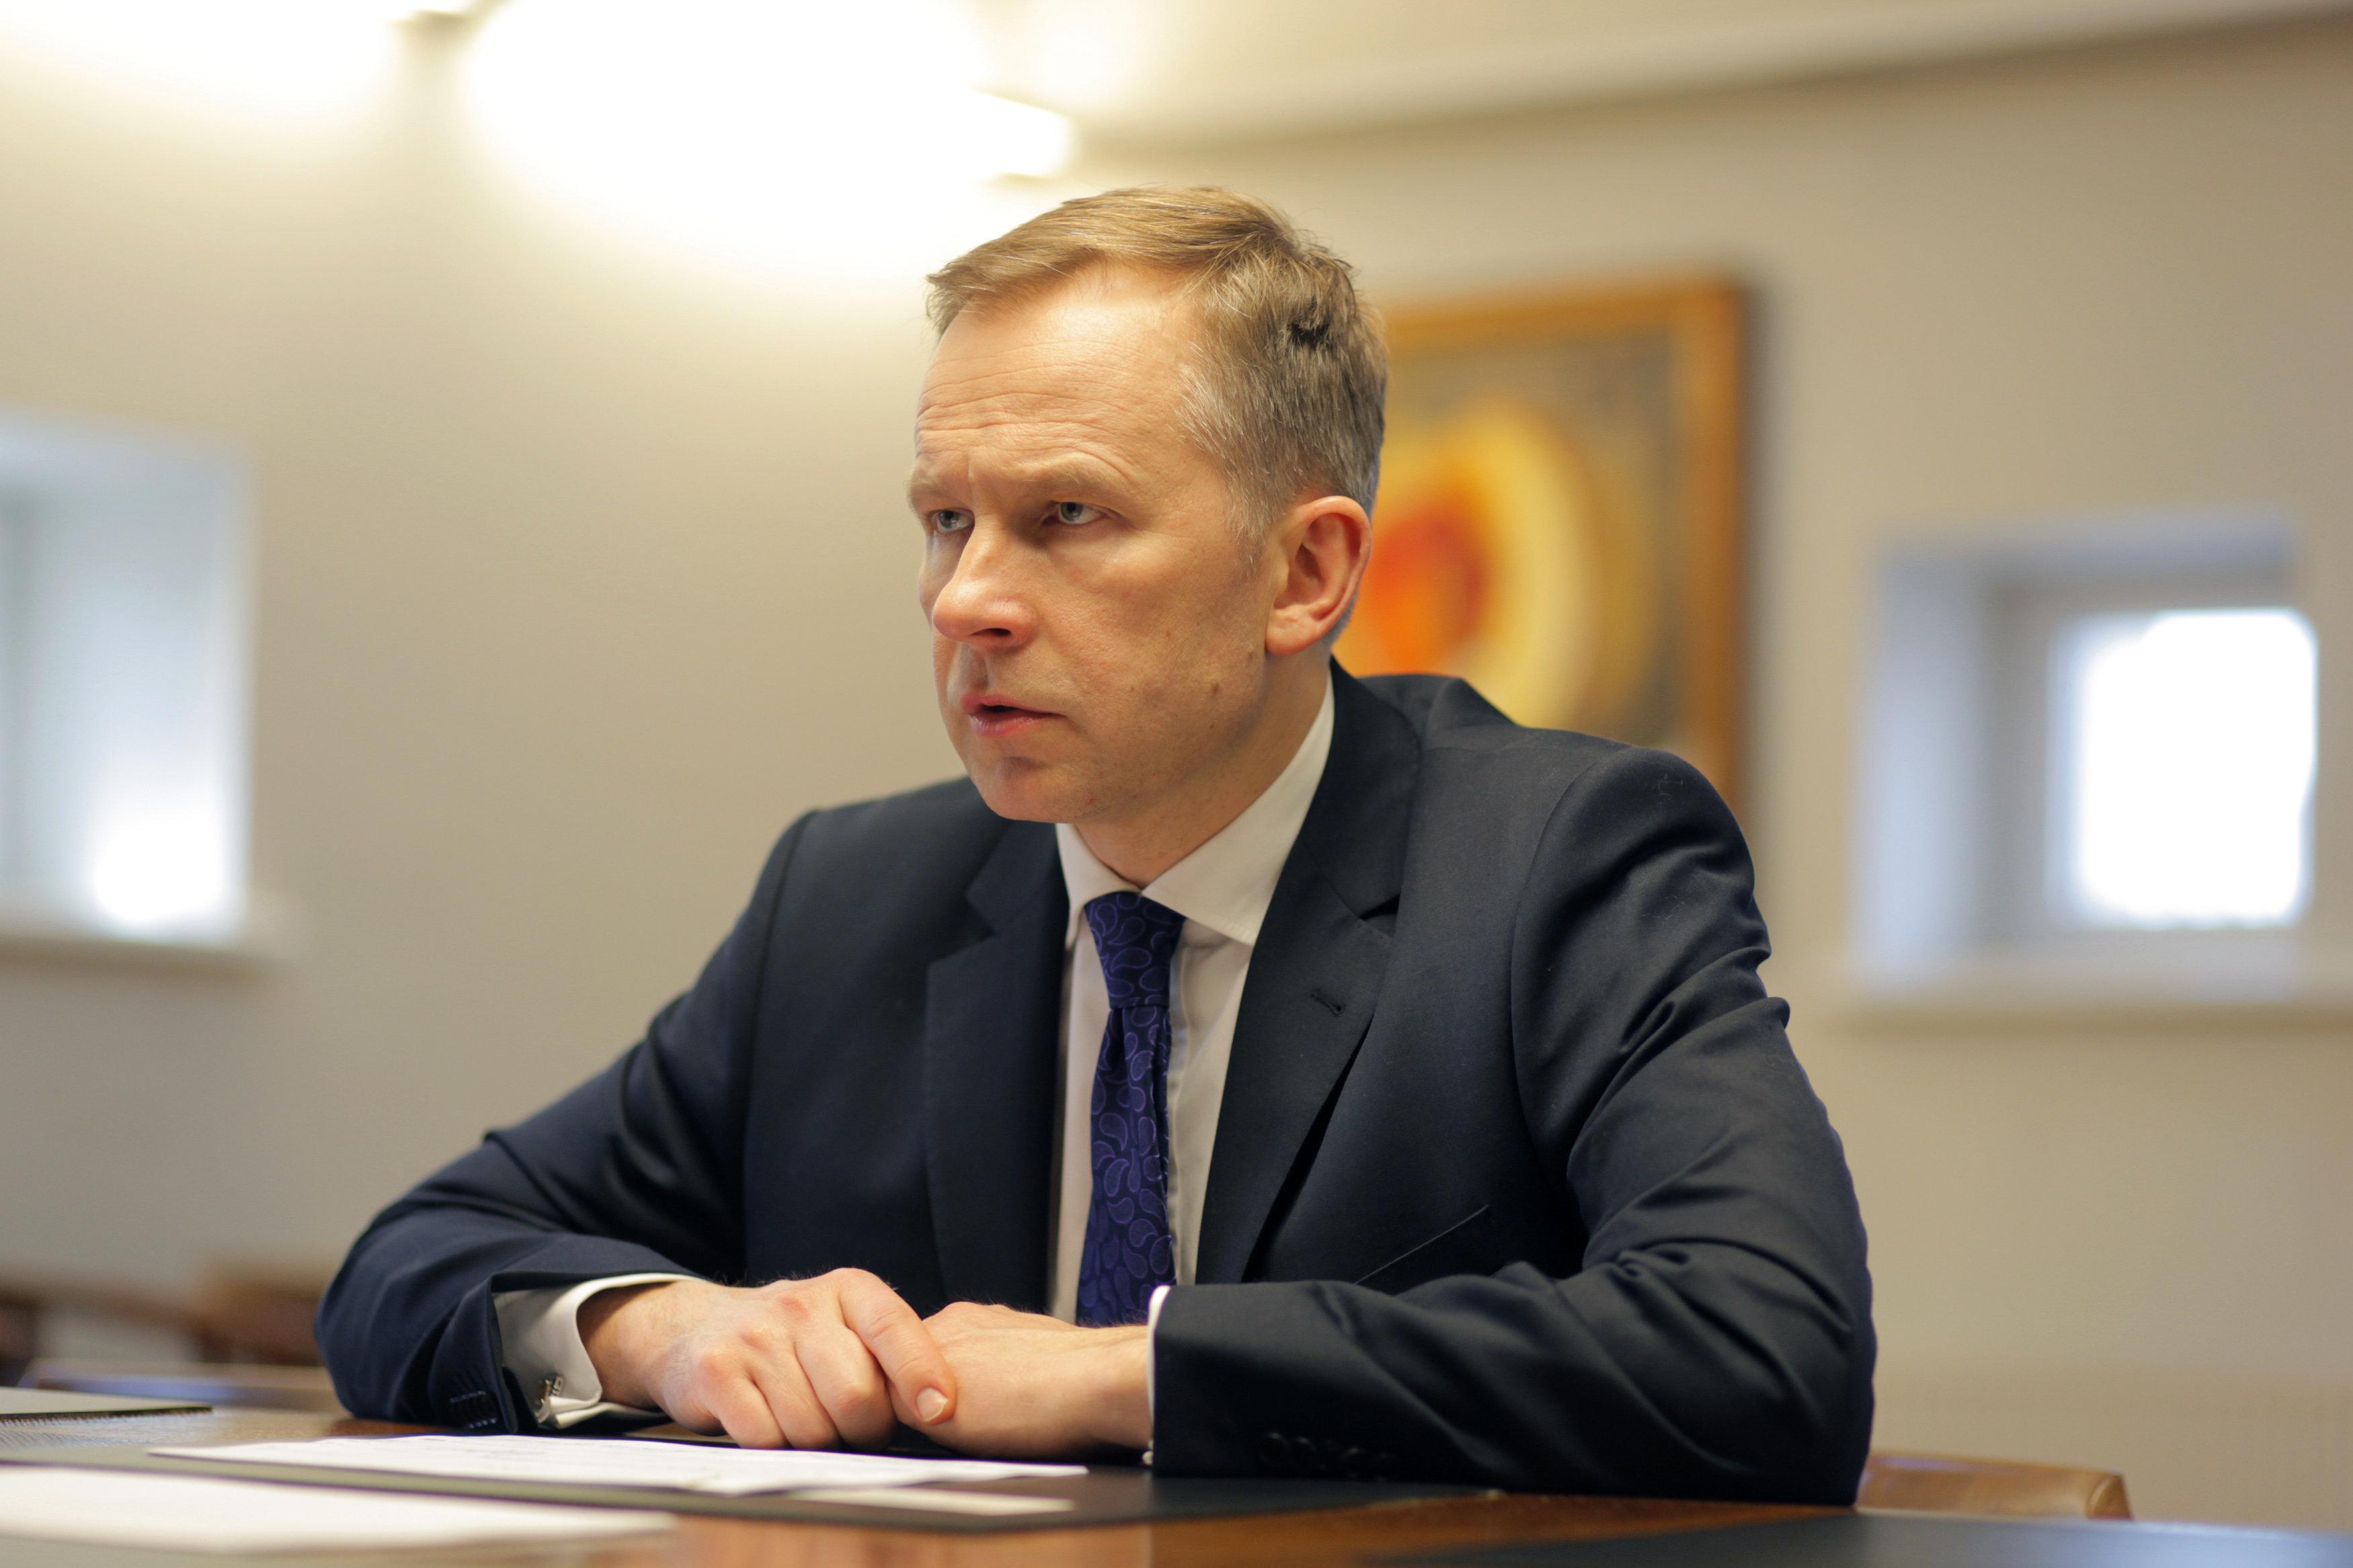 Στη Λετονία στραμμένα τα βλέμματα της ΕΚΤ. Η σύλληψη του κεντρικού τραπεζίτη έχει αντίκτυπο στο χρηματοπιστωτικό σύστημα